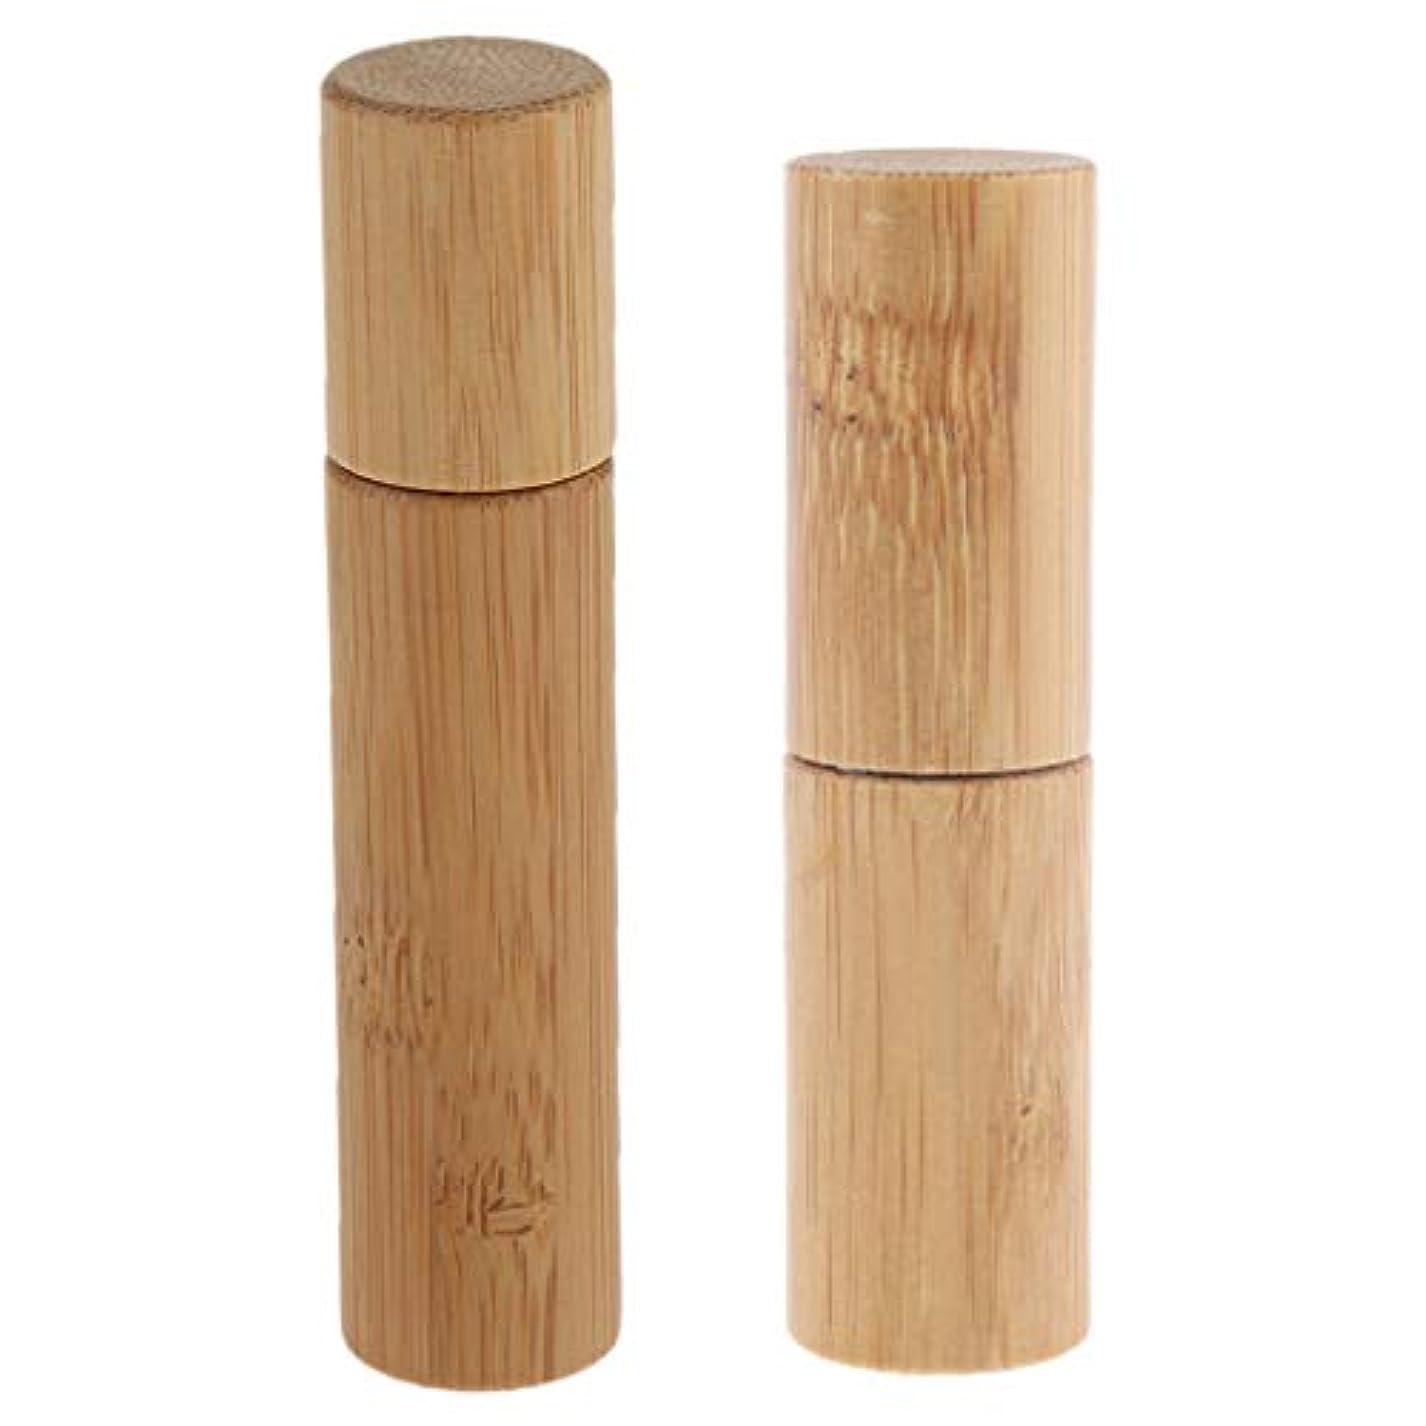 出口布ダンスCUTICATE ロールオンボトル 天然竹 詰替え 精油 香水 液体 保存容器 小分け用 旅行 10ml+5ml 2個入